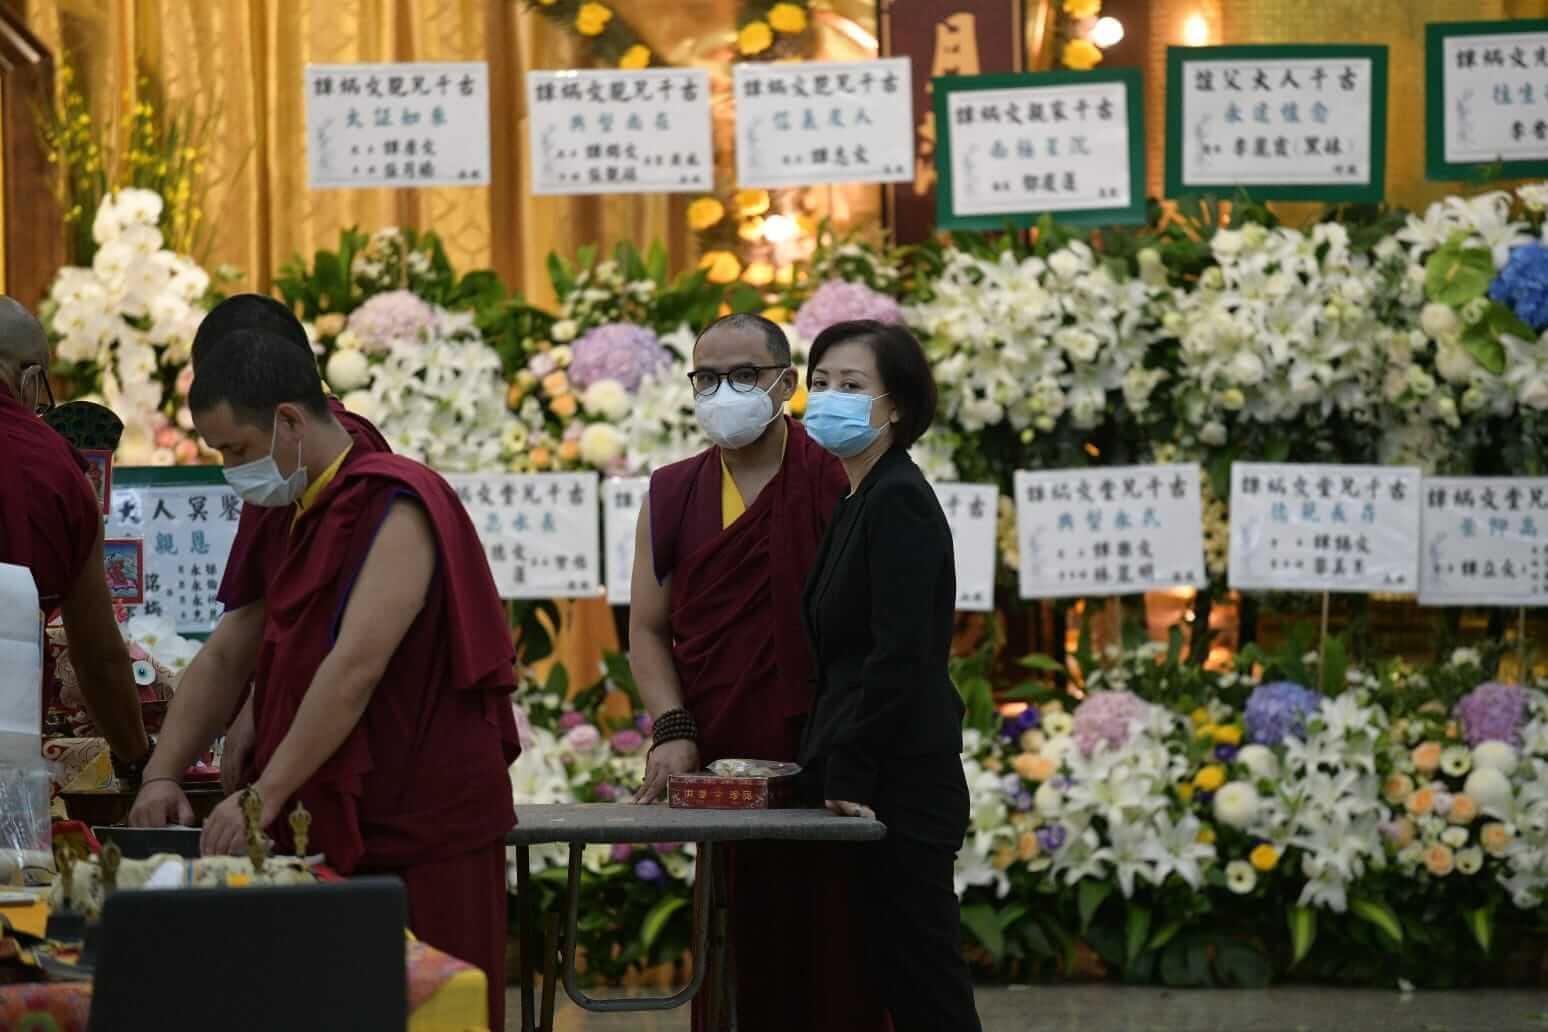 炳哥女兒譚淑瑩表示,疫情過後,父親的骨灰將奉送到加拿大安葬。